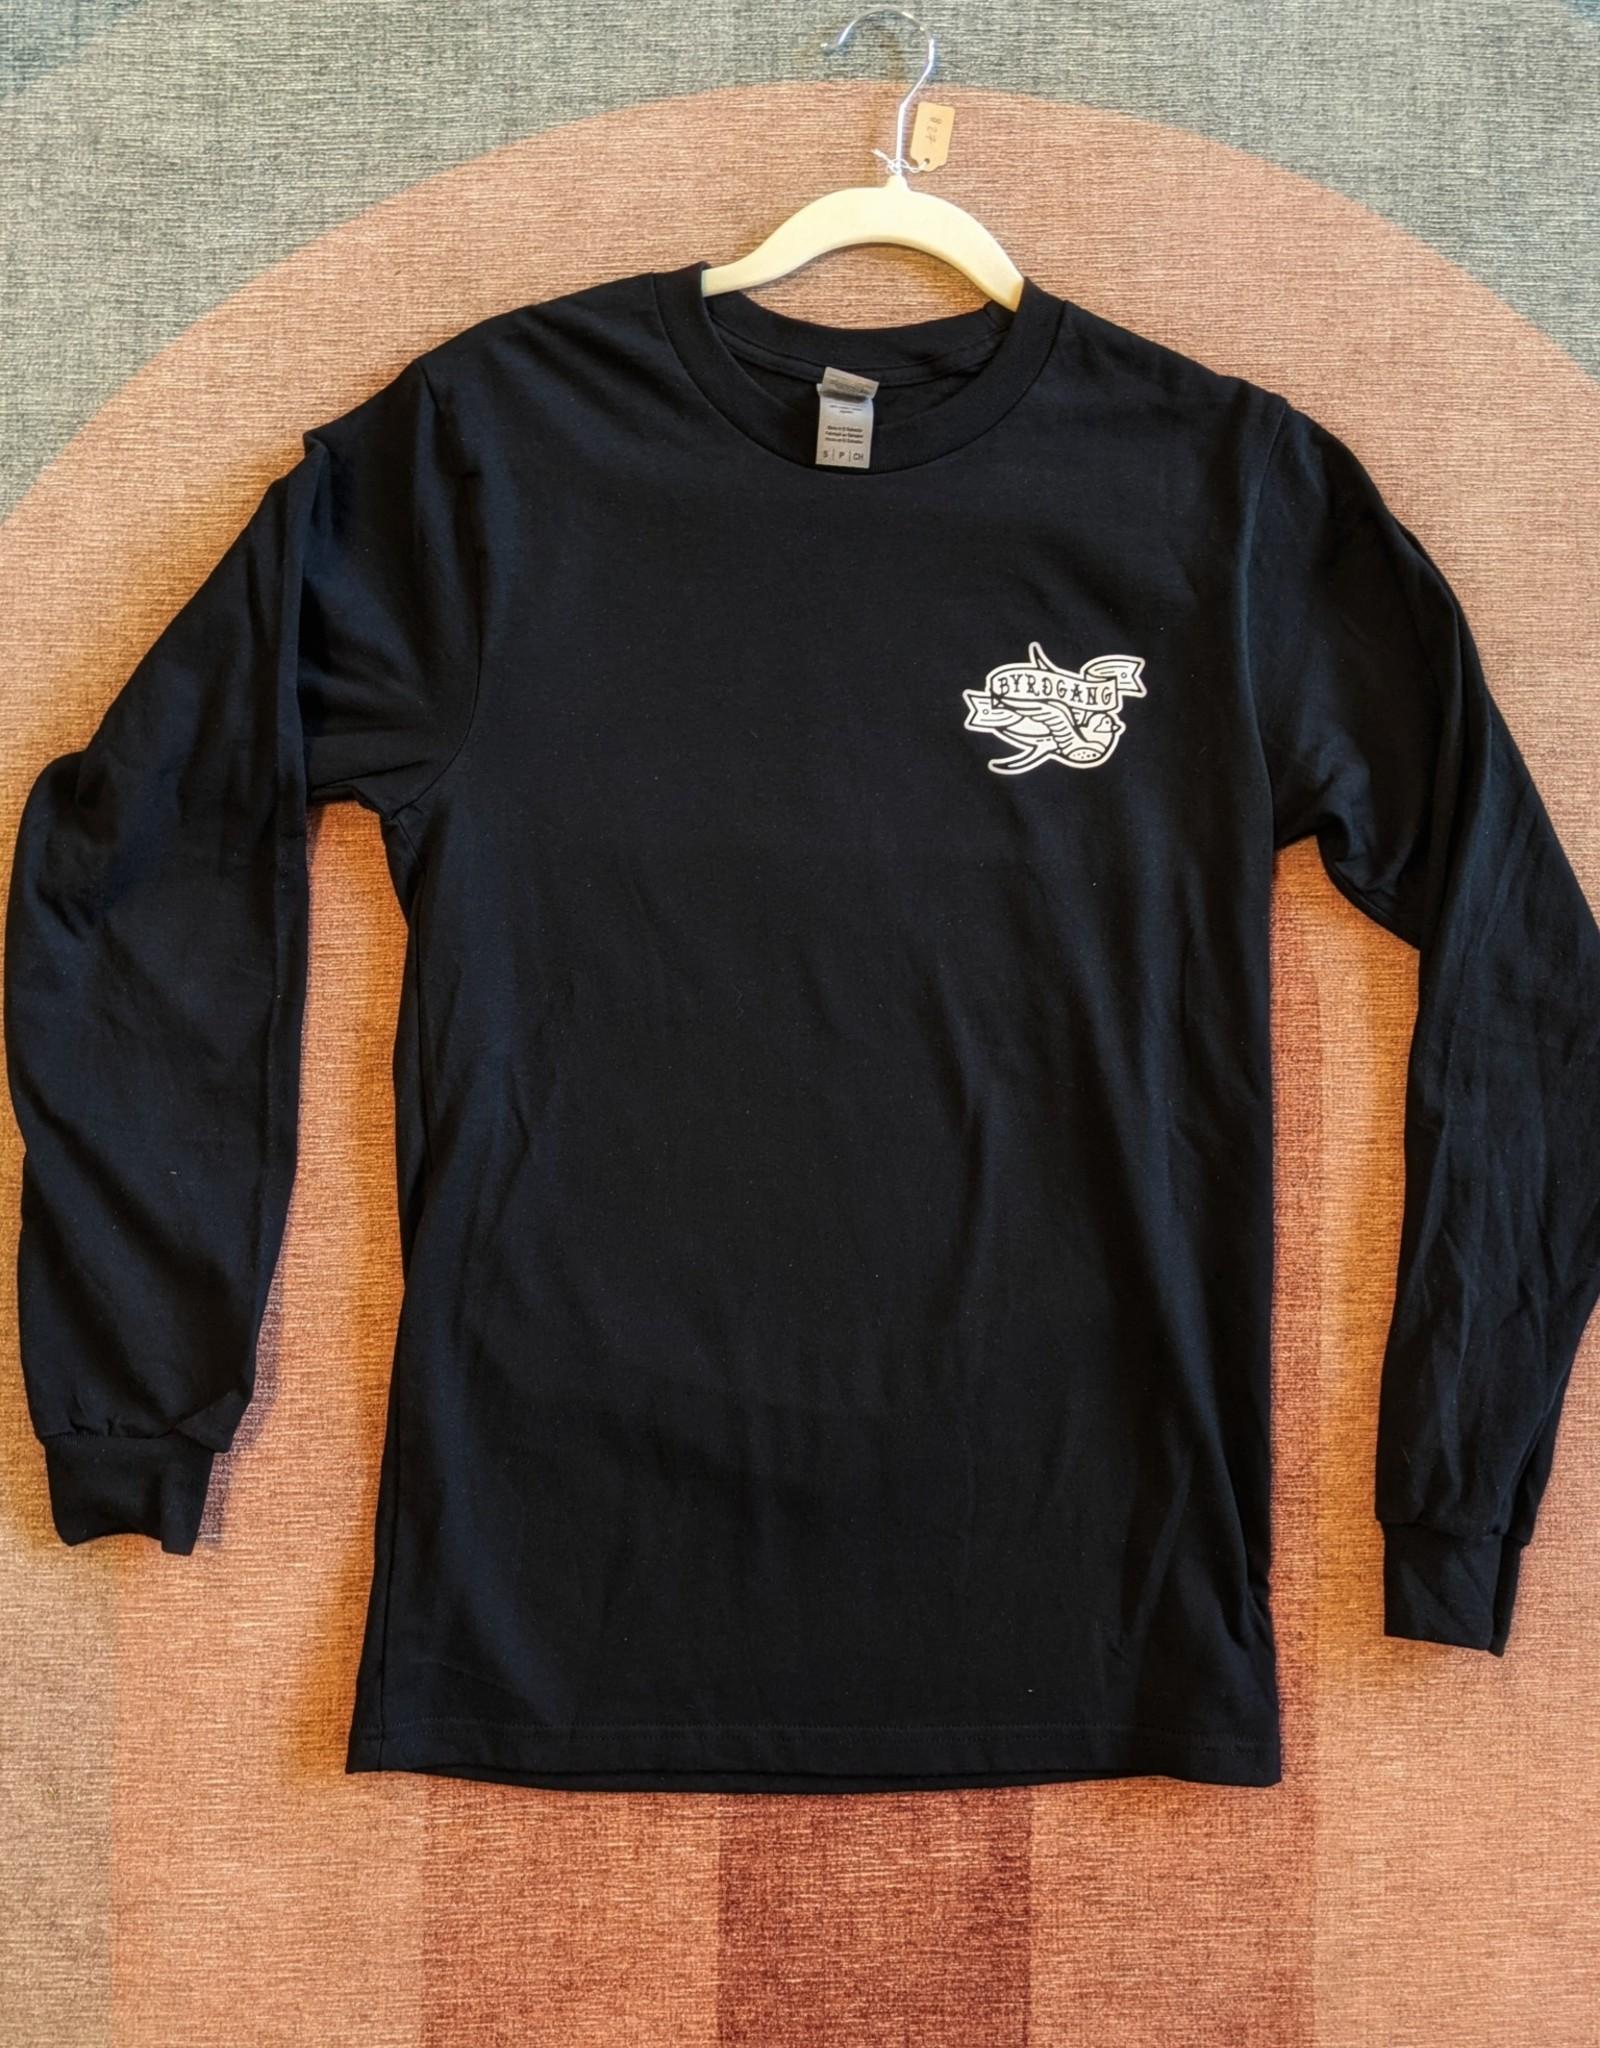 Byrdland Byrdgang Long sleeve